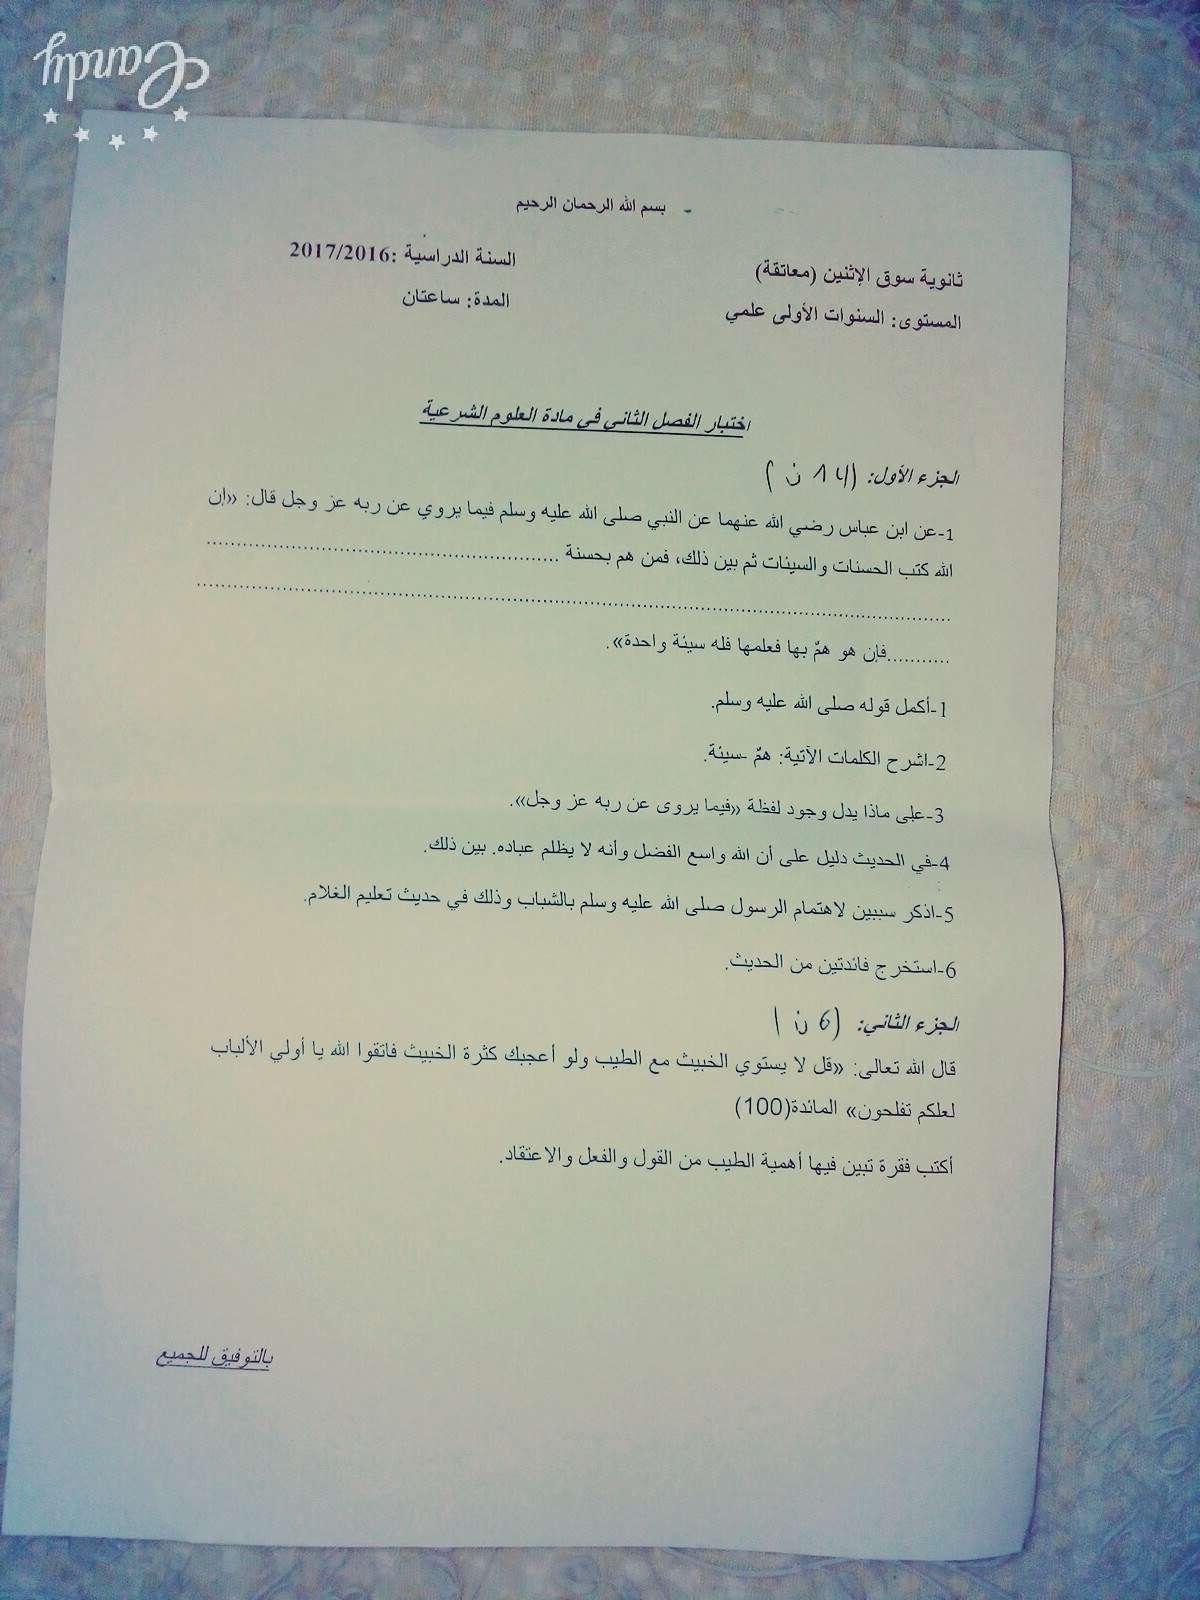 اختبار الفصل الثاني في العلوم الاسلامية للسنة الاولى ثانوي علوم - نموذج 1 17036610